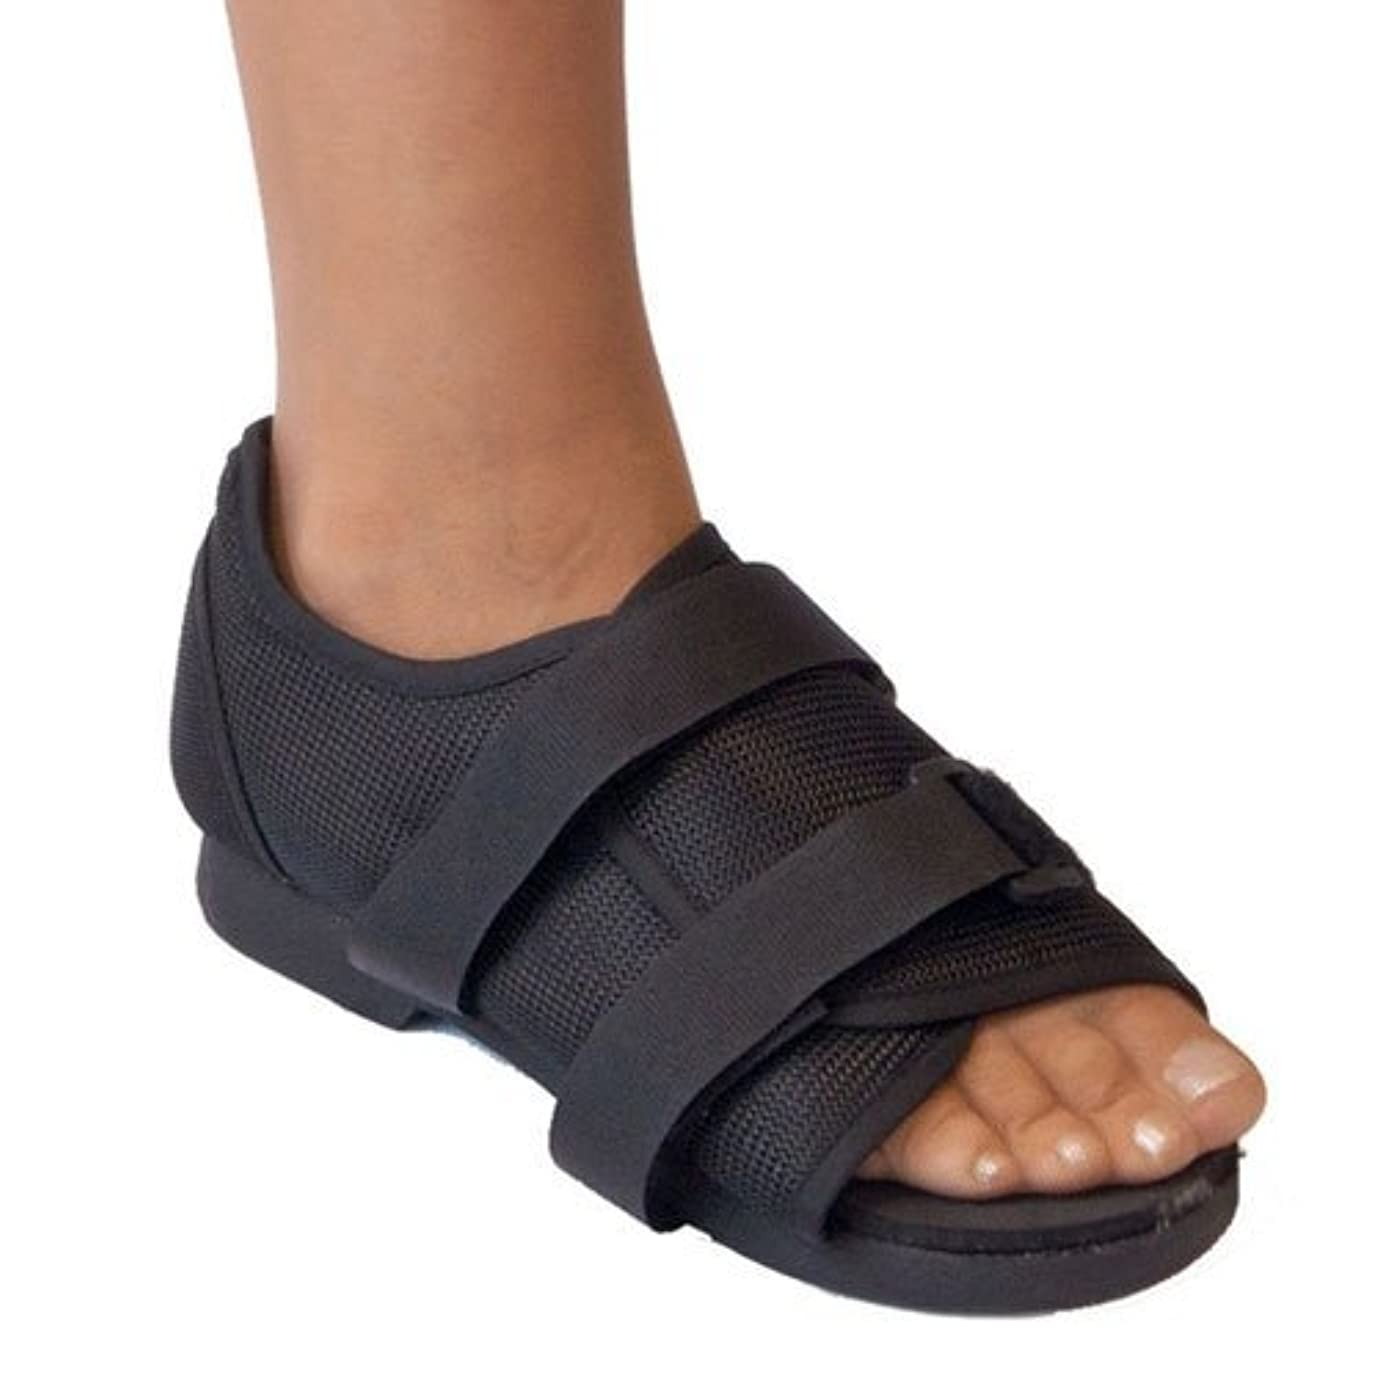 り辞任する鉄道術後靴、メディカルウォーキング、骨折した骨の耐久性のあるつま先整形外科サポートブレース。,M